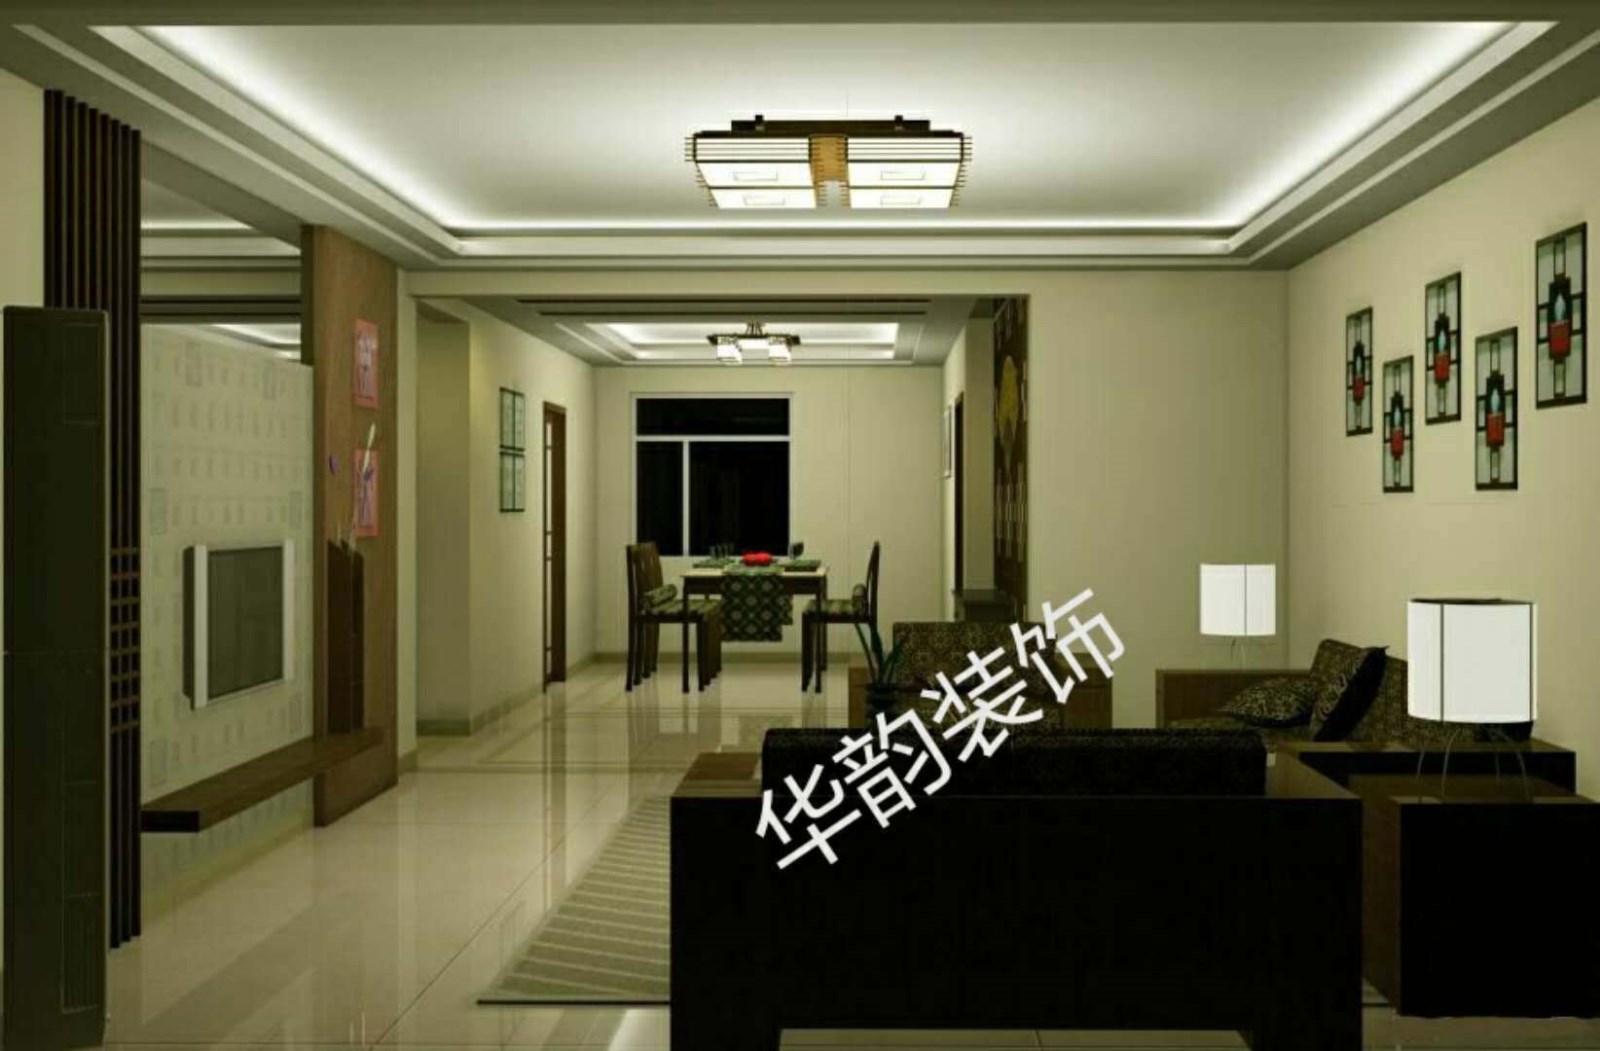 华韵装饰,承接室内外装修工程